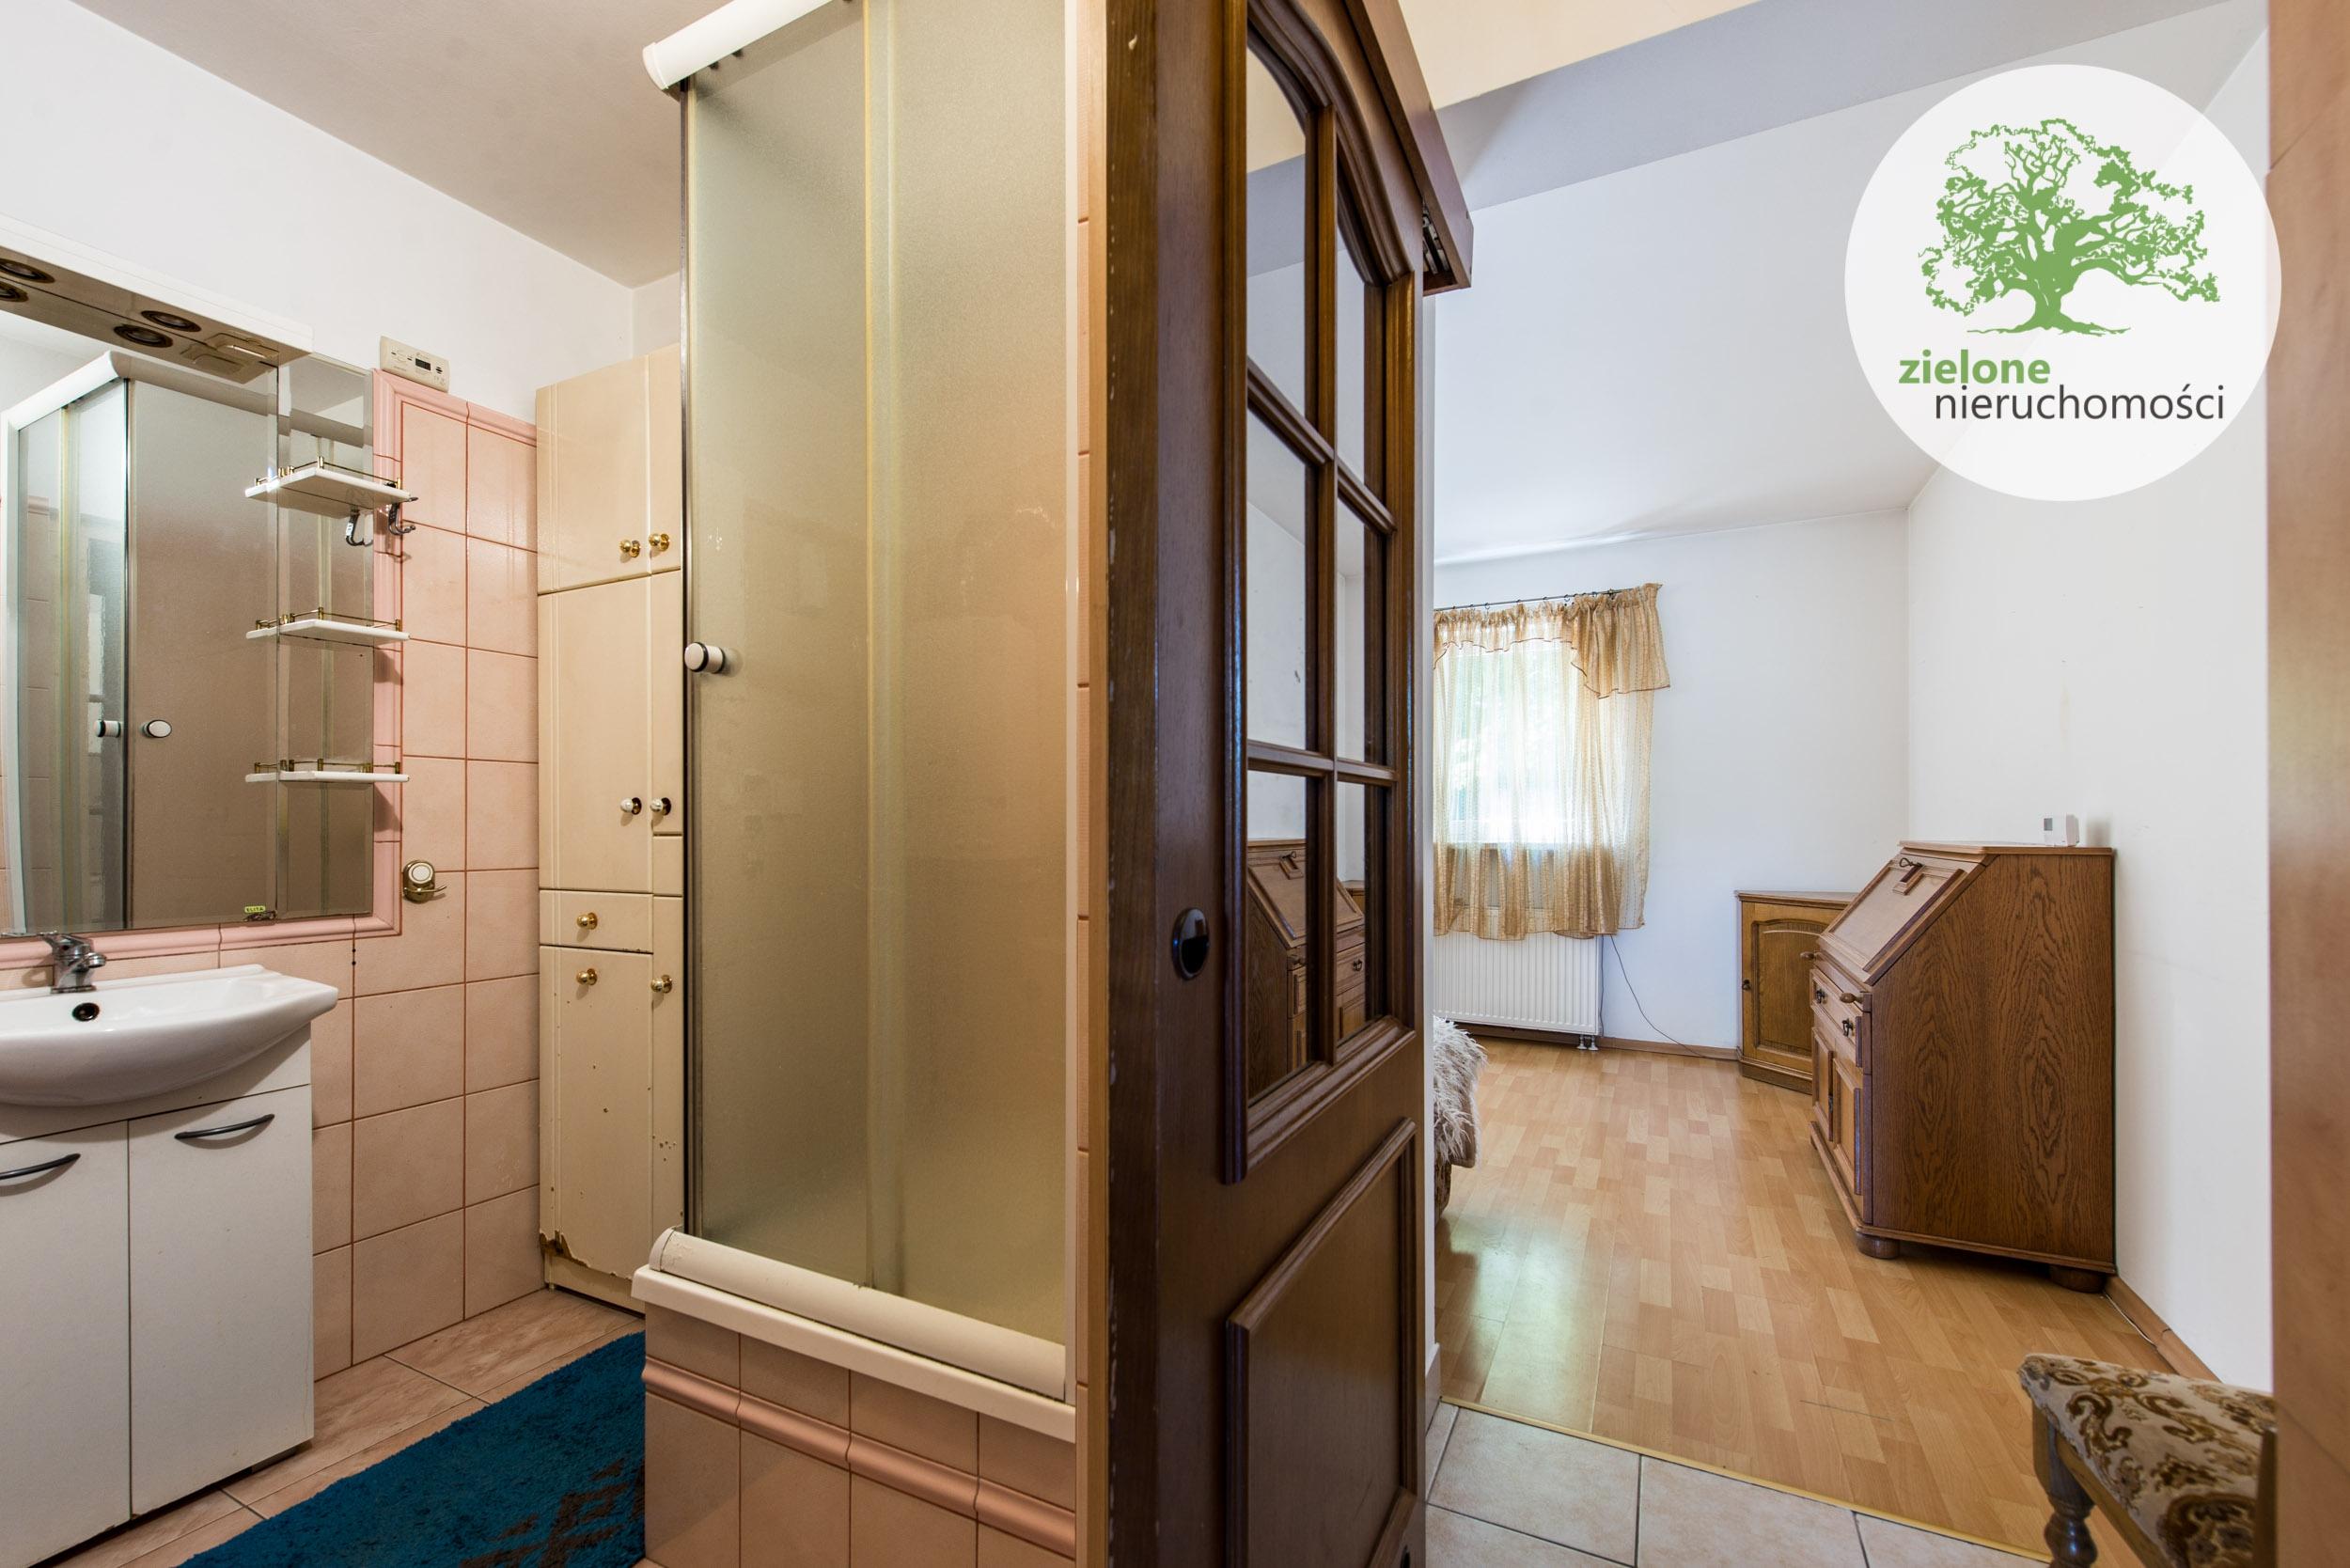 Zdjęcie 18Dwupokojowe mieszkanie na wynajem w zabudowie szeregowej